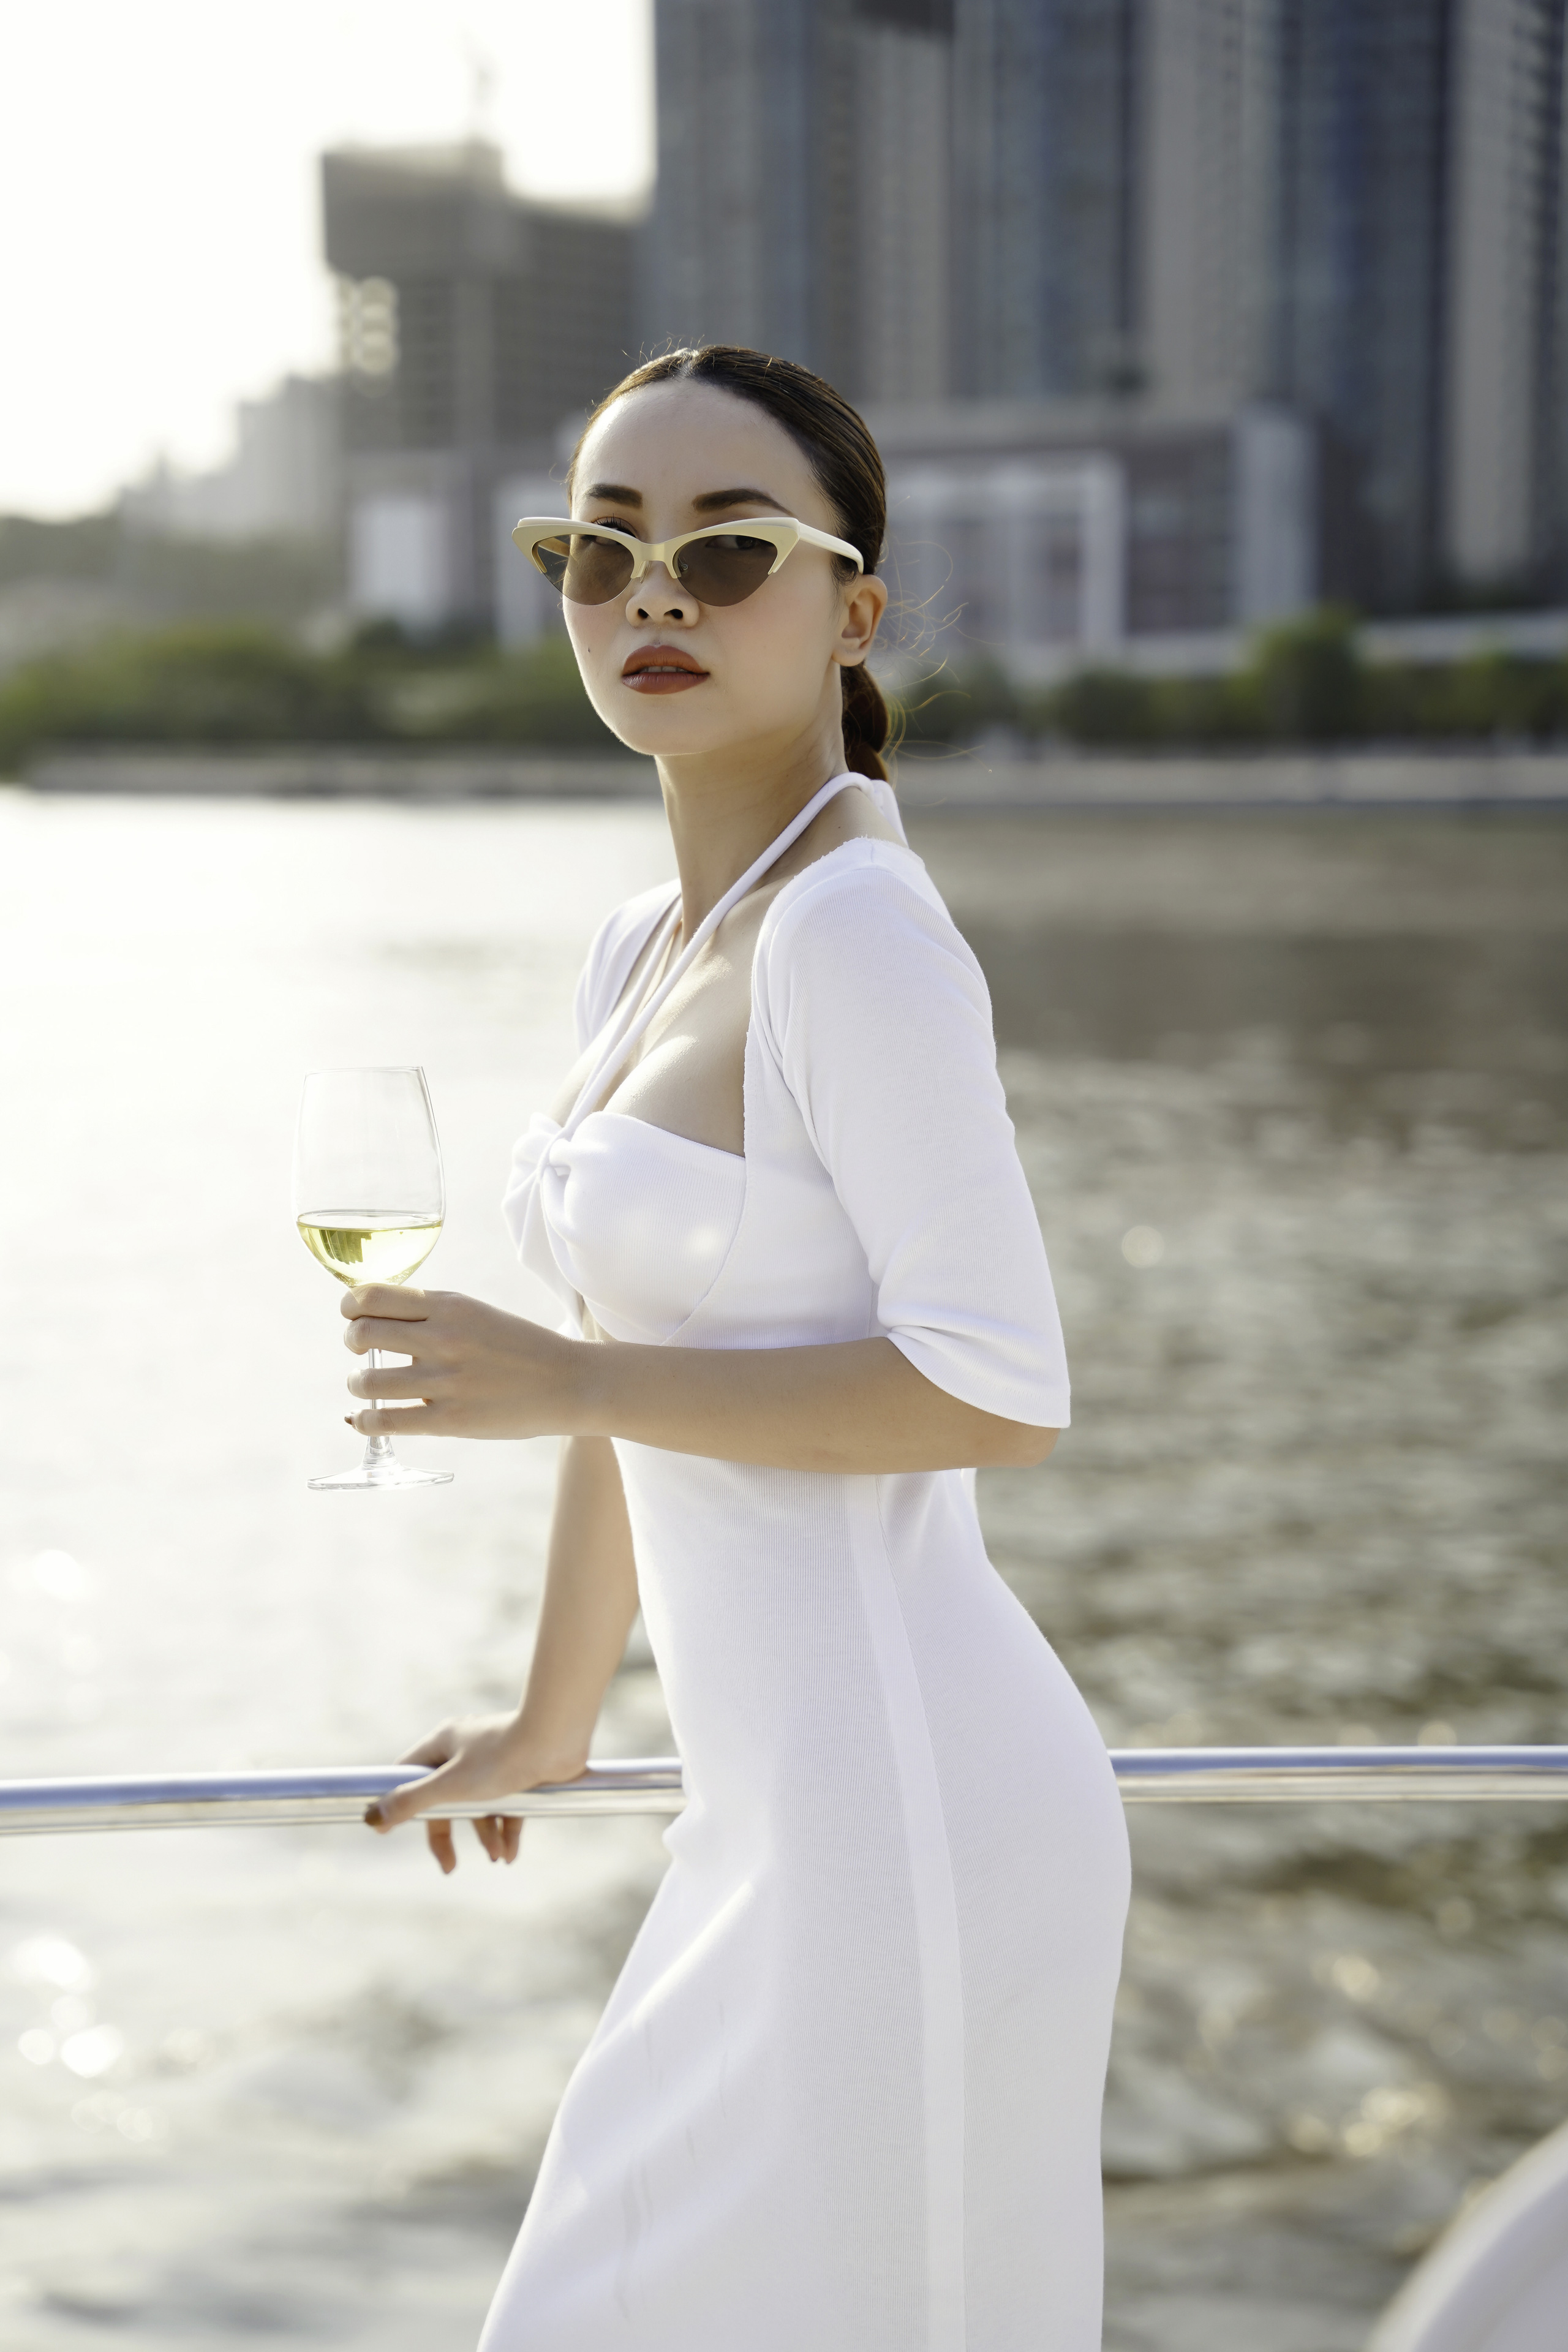 Yến Trang thân thiết bên Trịnh Tú Trung, Hoa hậu nhí cao 1m74 Ngọc Lan Vy chiếm spotlight vì quá xinh đẹp - Ảnh 1.